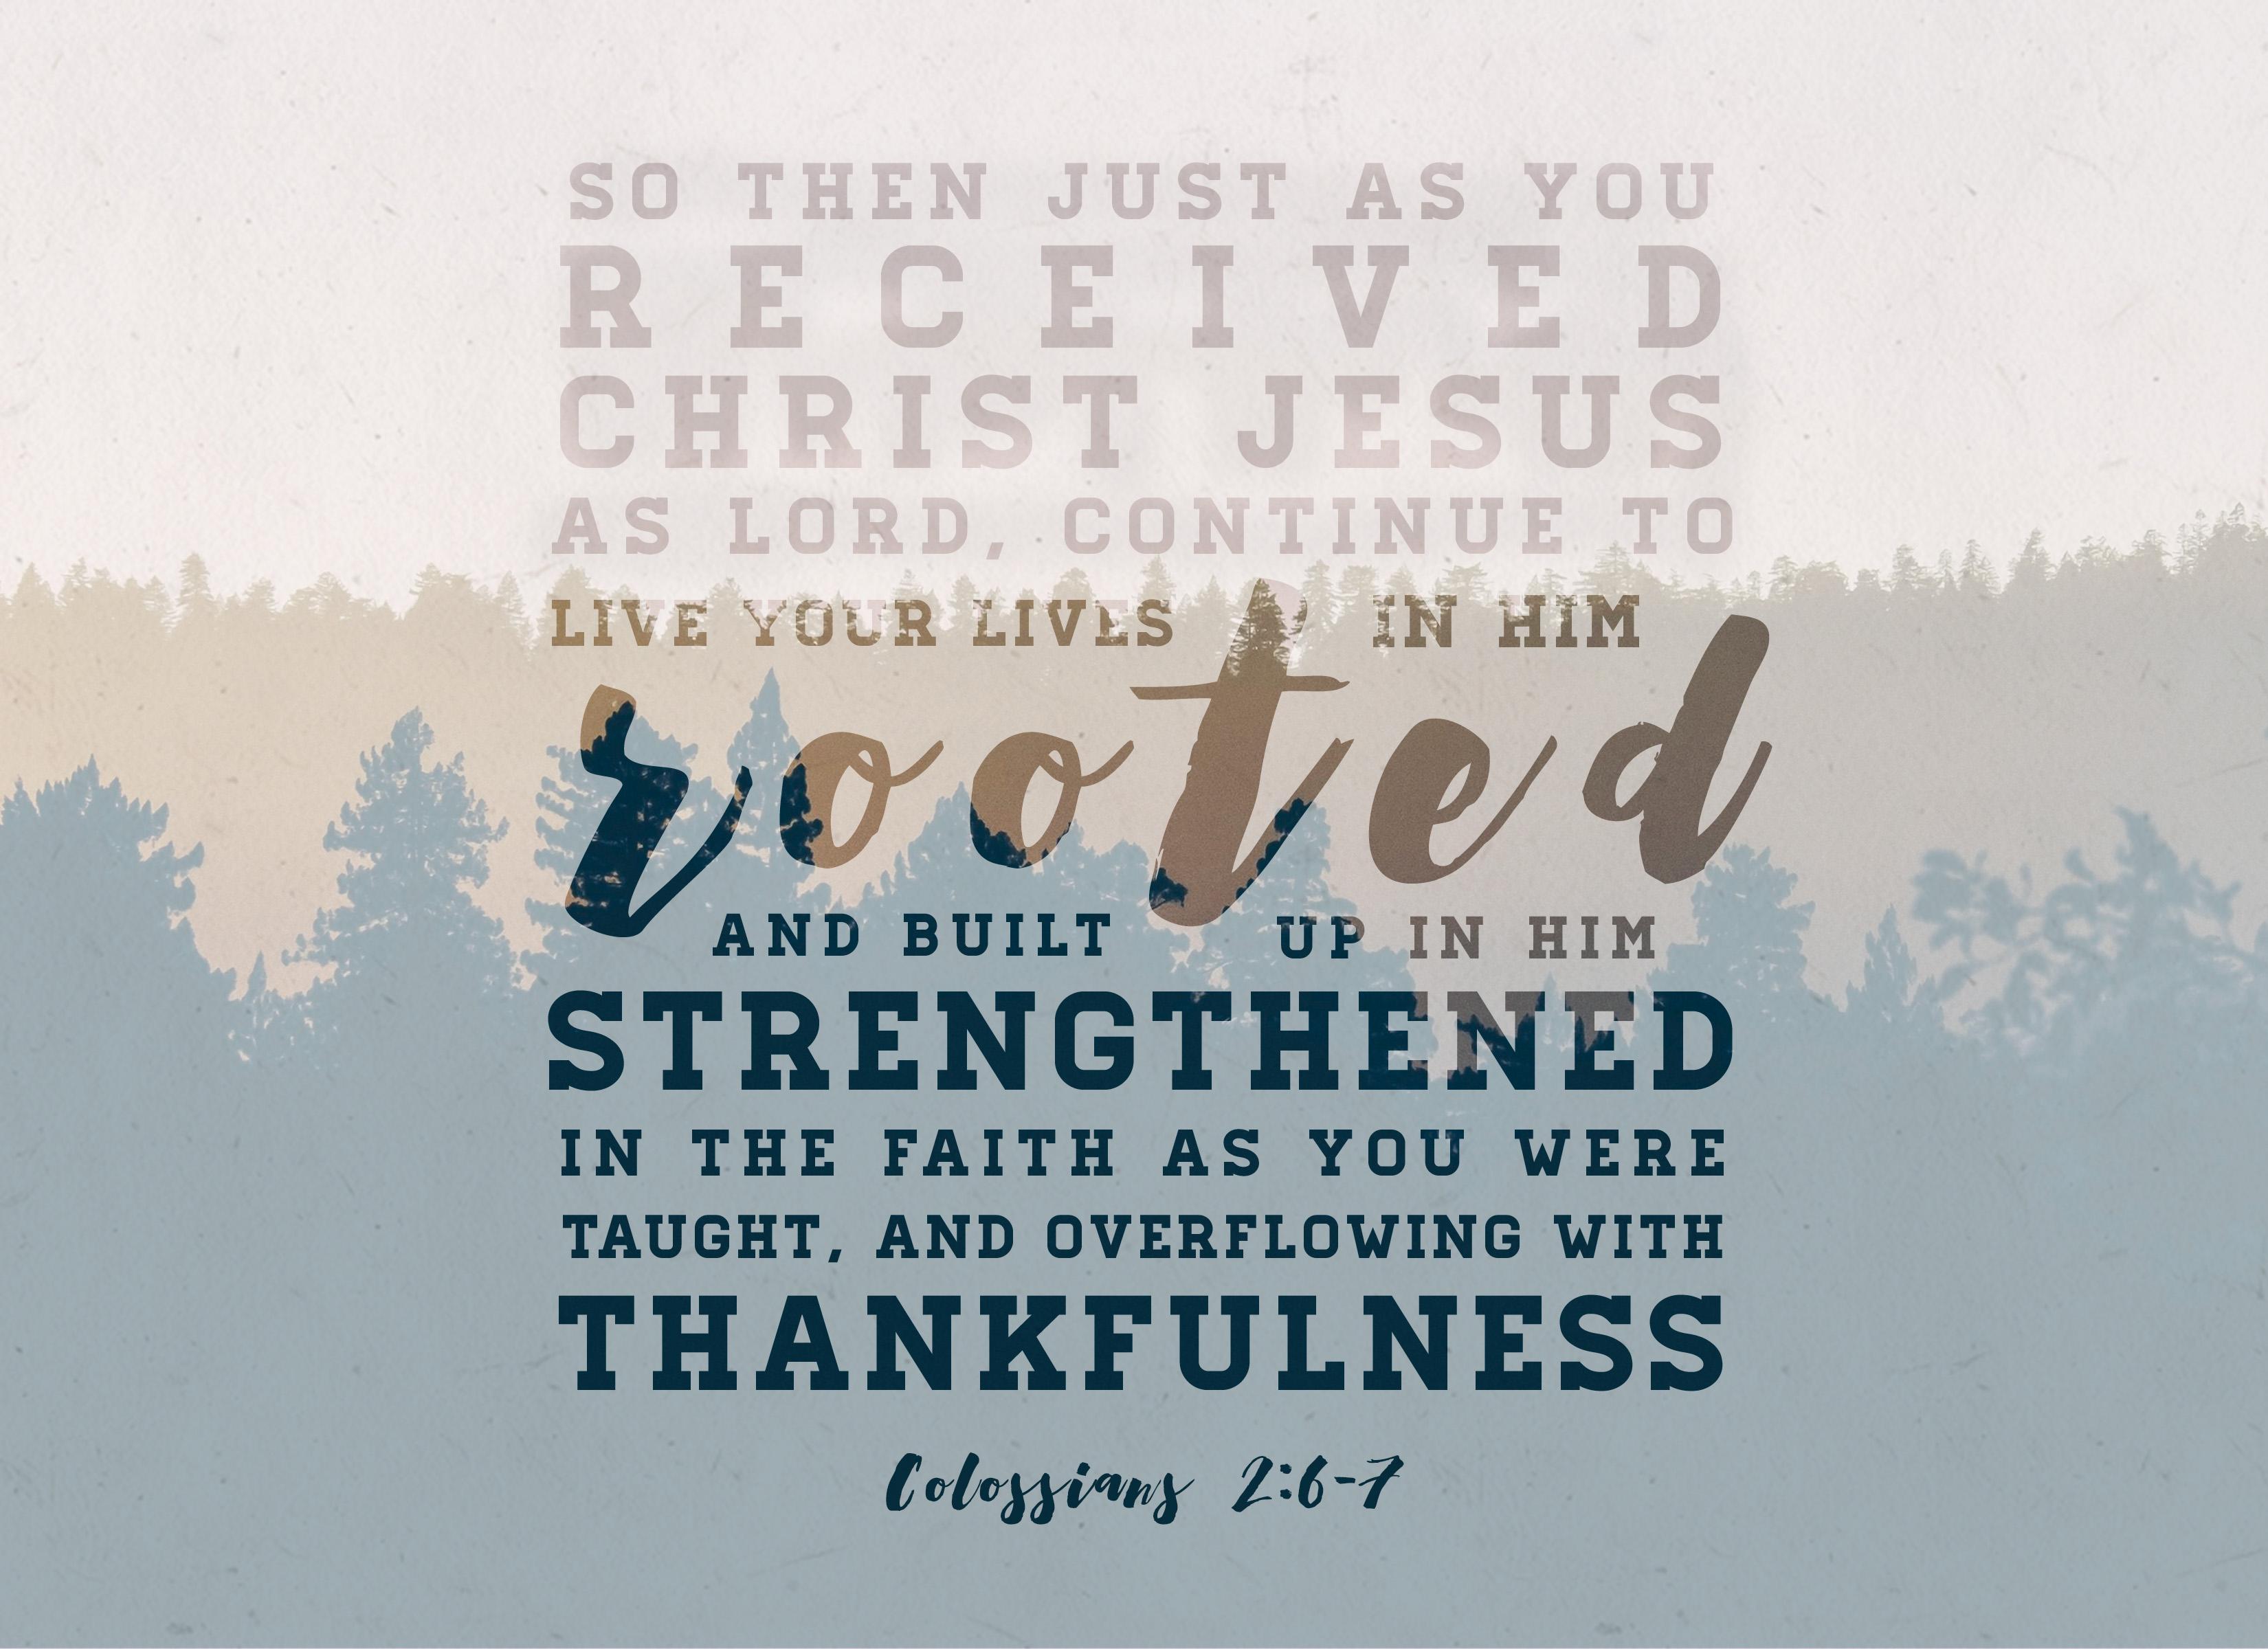 Colossians 2-6-7 Printable